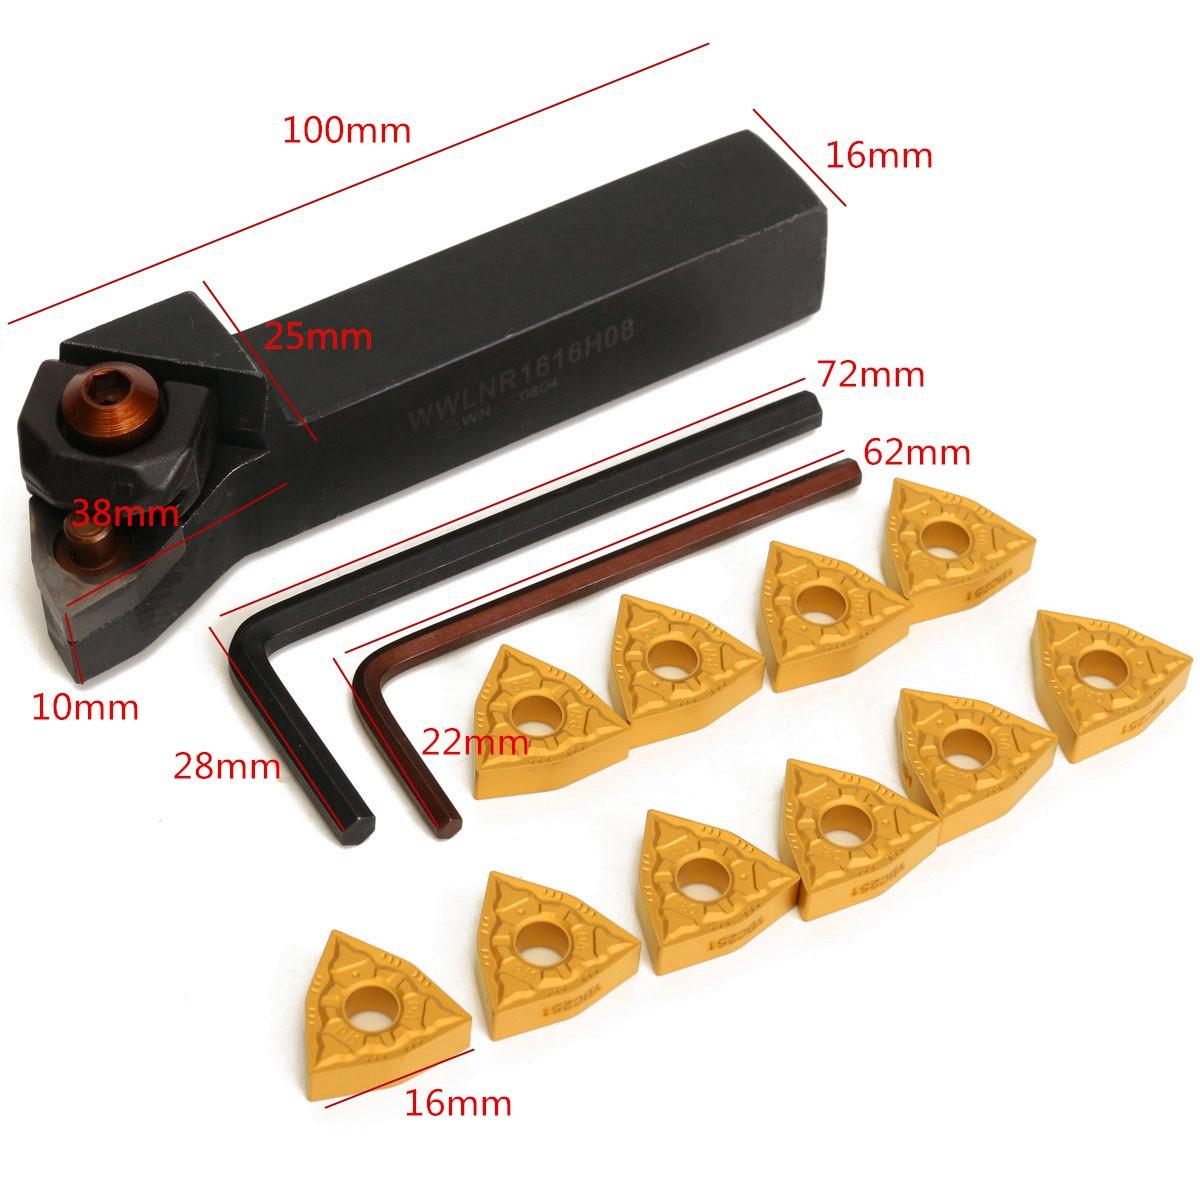 10pcs  WWLNR1616K08 16x100mm Lathe External Turning Tool Holder For WNMG 0804